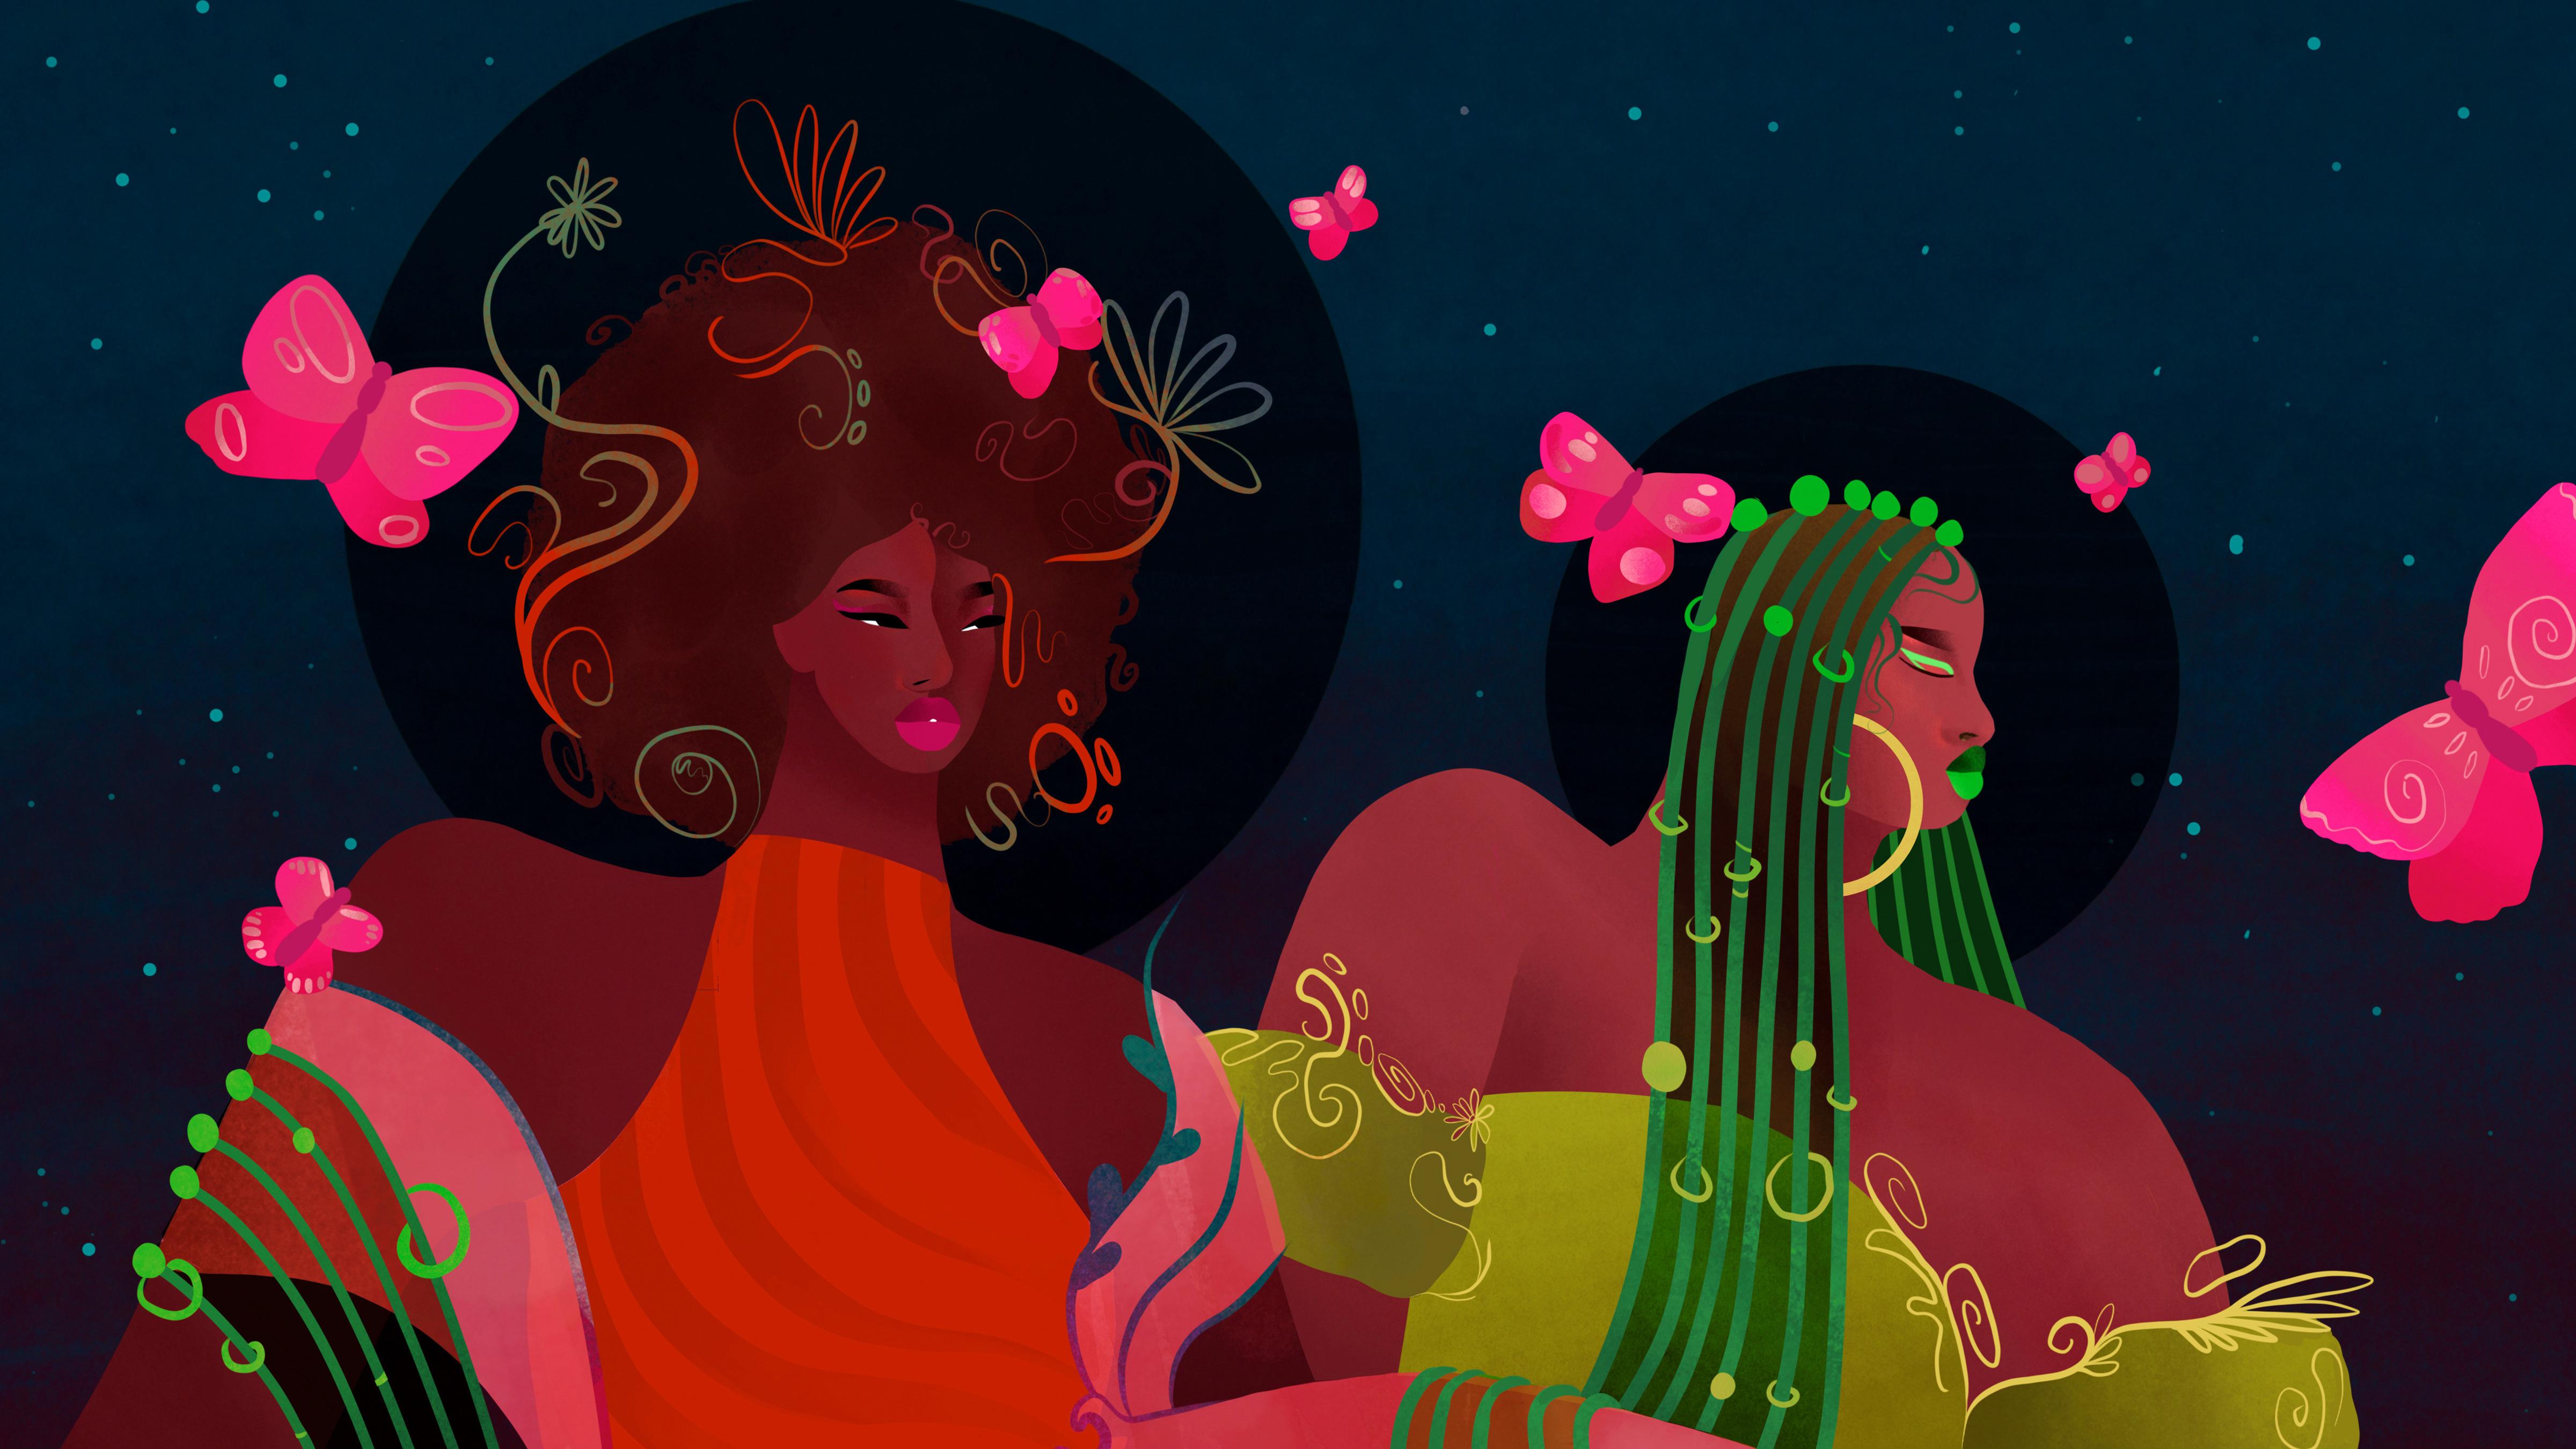 Illustration by Amir Khadar